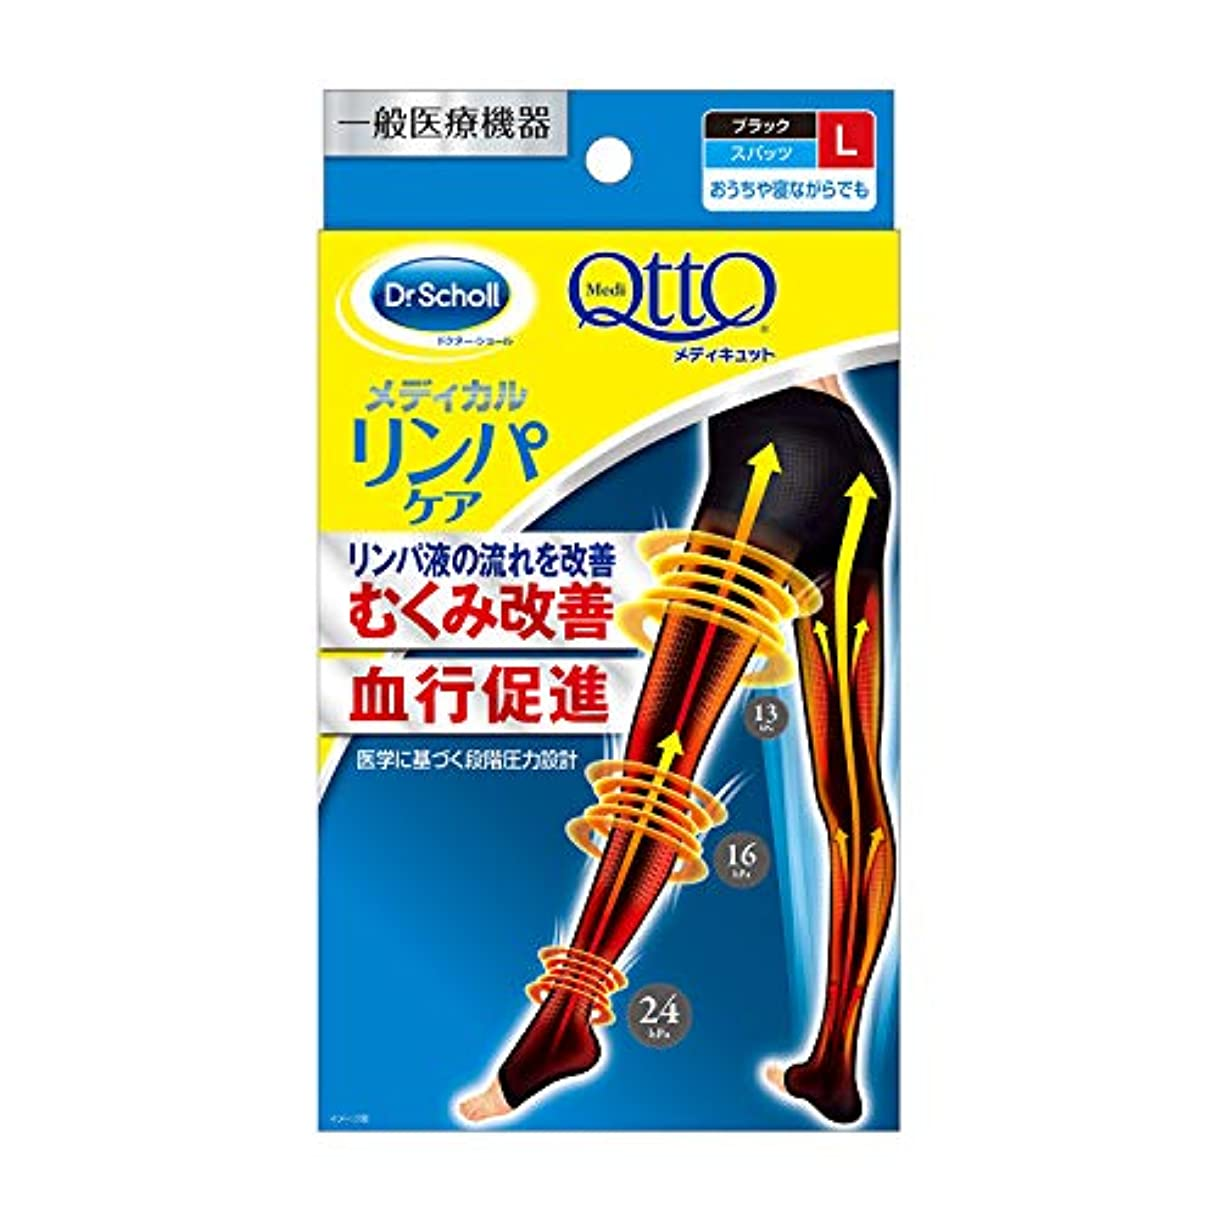 口径レースビクター一般医療機器 おうちでメディキュット リンパケア スパッツ L 着圧 加圧 血行改善 むくみケア 弾性 靴下